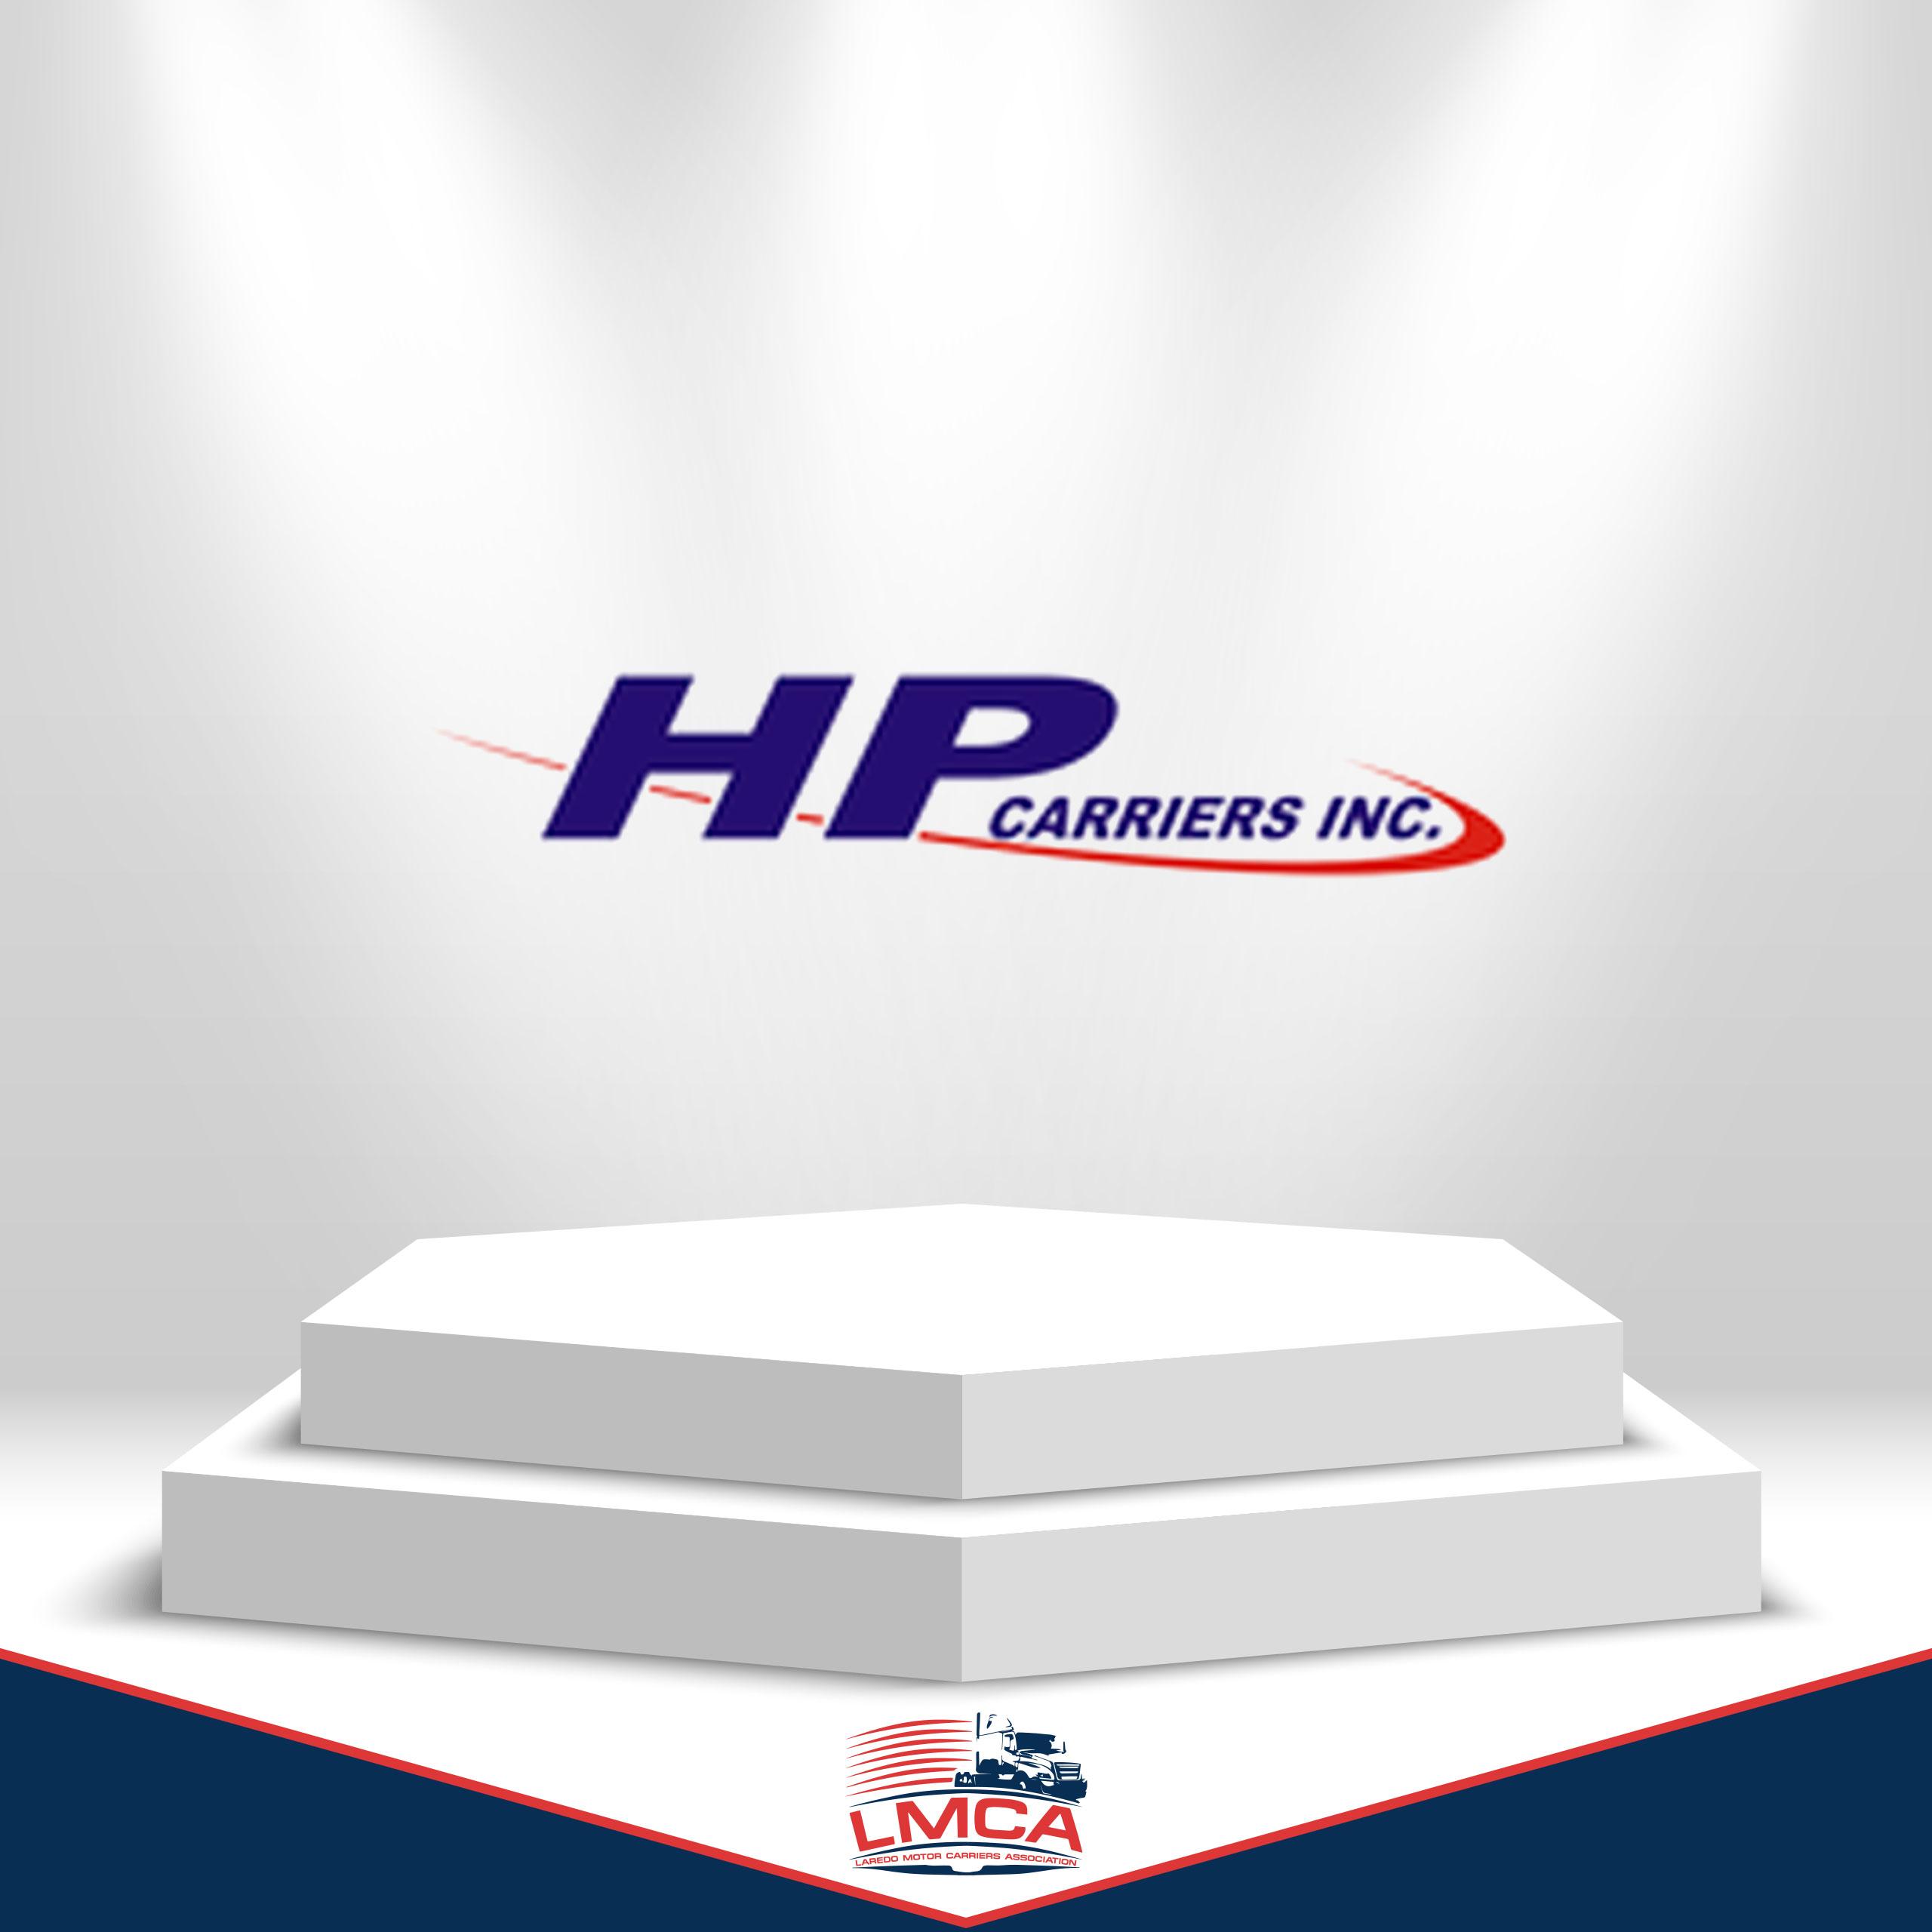 hp-lmca